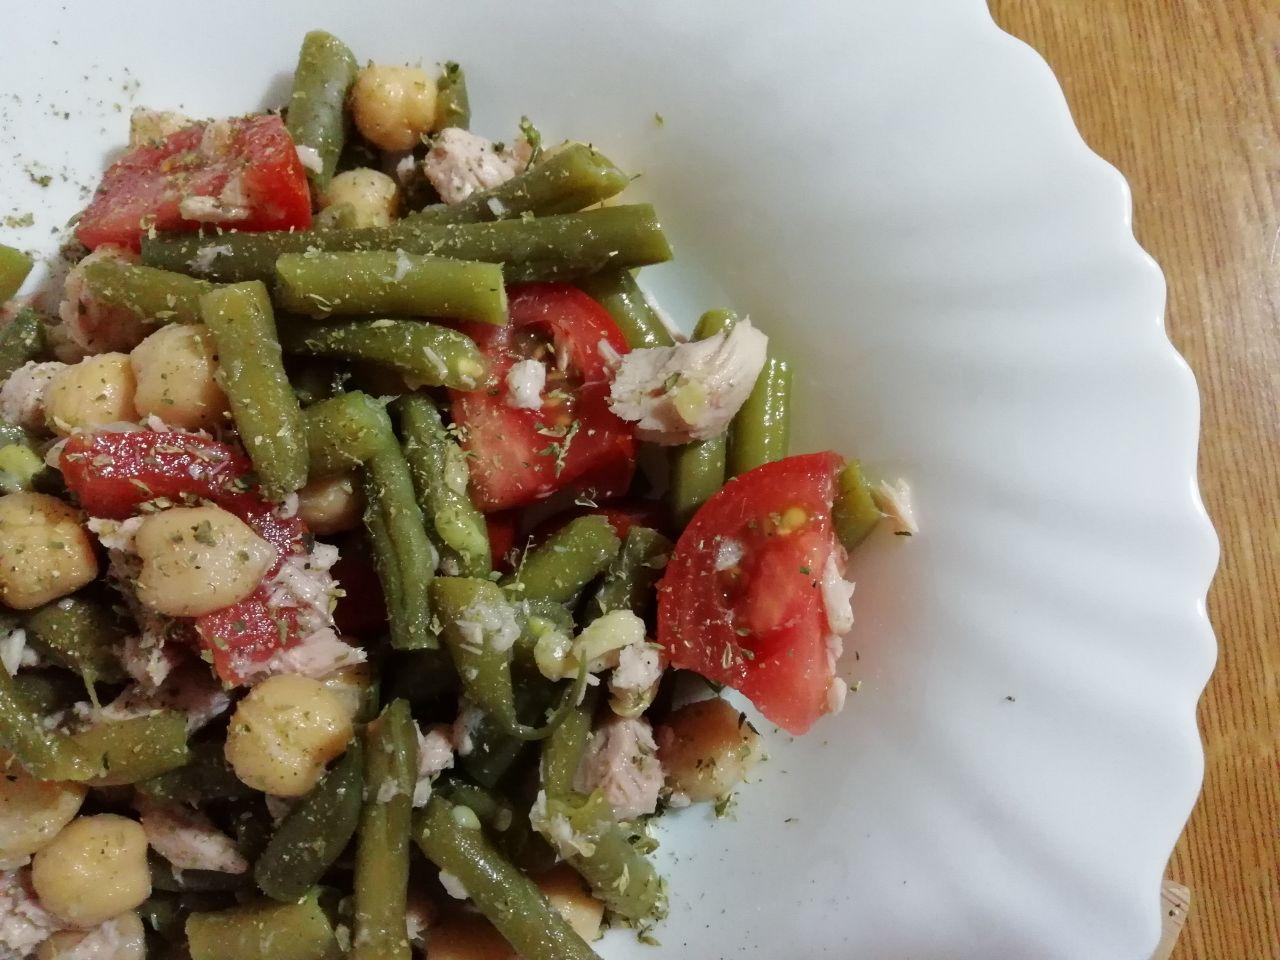 Piatti unici senza glutine: insalata di ceci, tonno e fagiolini!